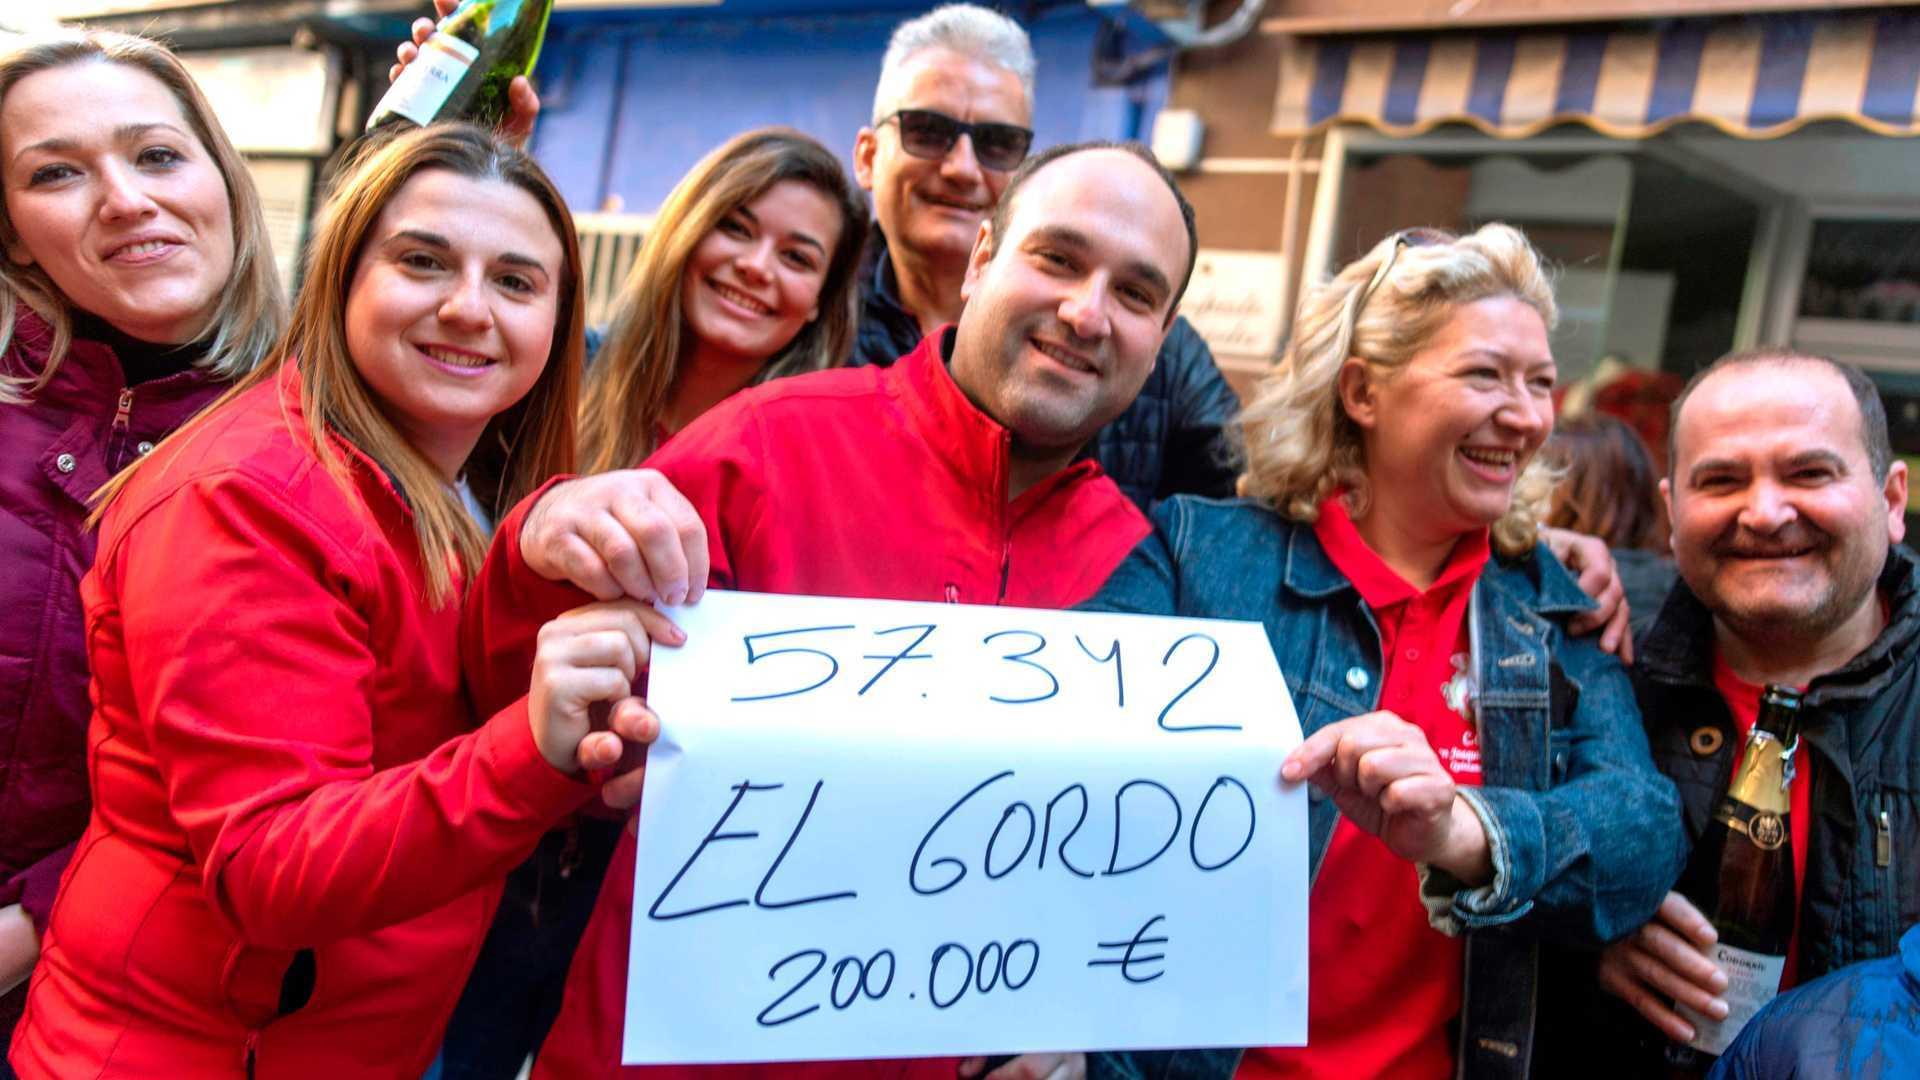 Espanjan arpajaisten bestsellerit | isot lottot